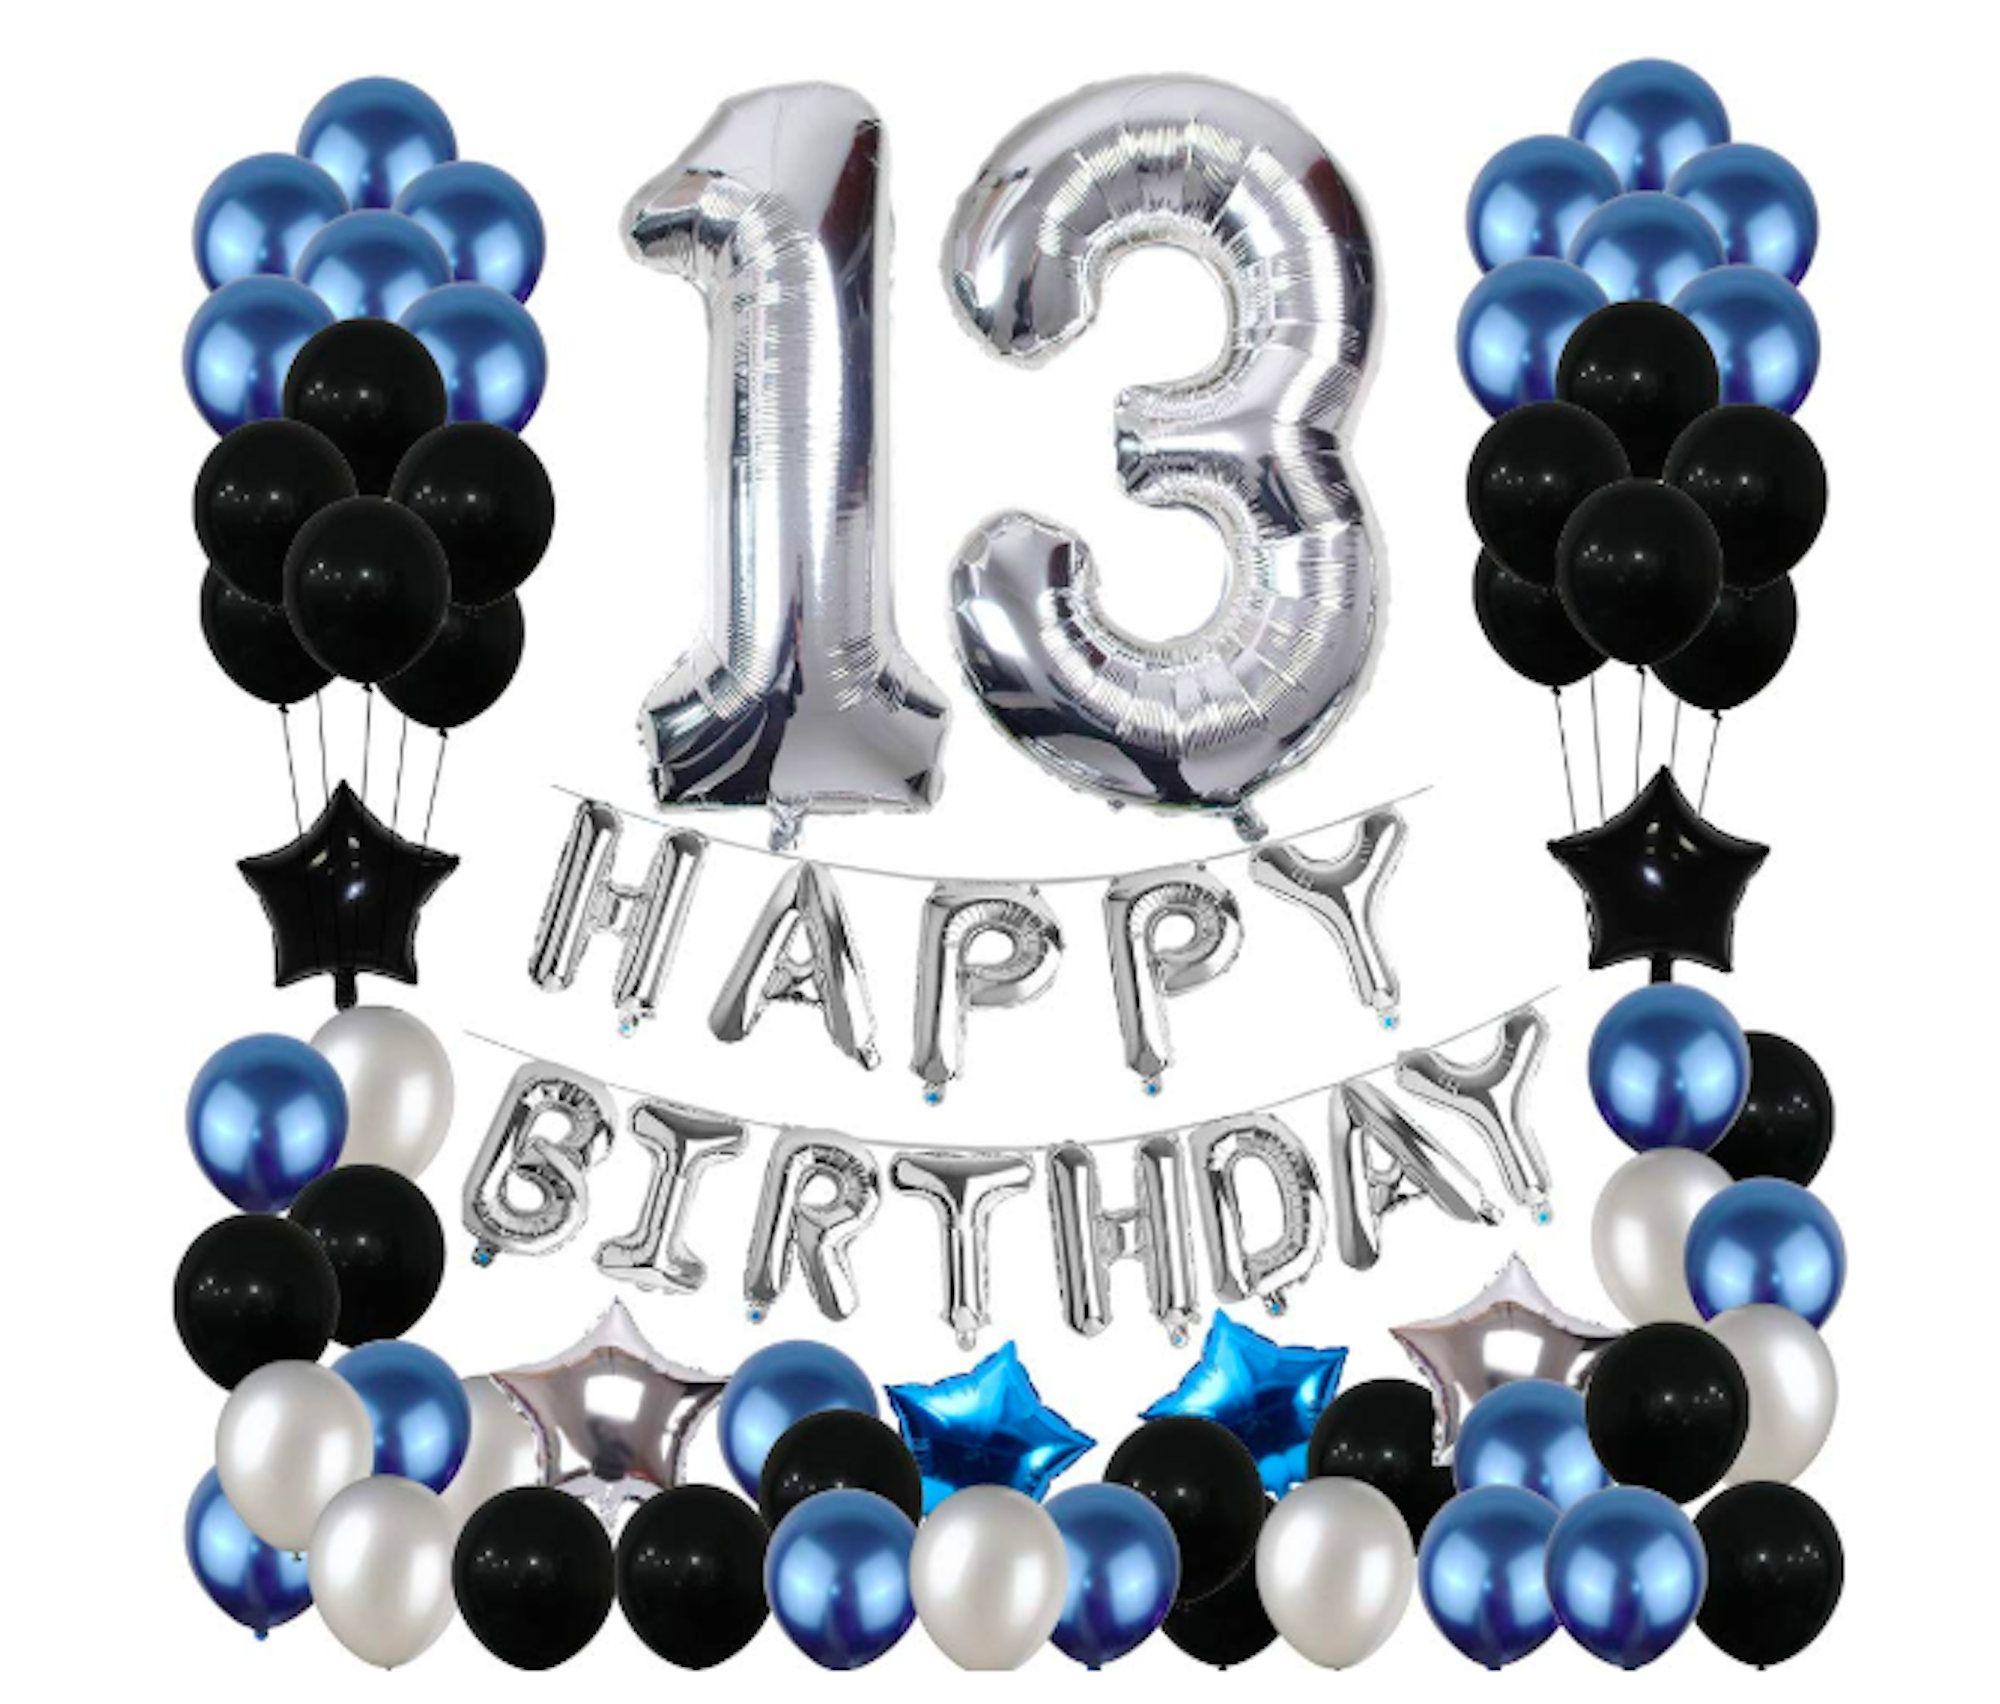 13 Remolinos colgantes de papel de aluminio para 13 a/ños Suministros de decoraci/ón para fiesta de cumplea/ños Happy 13th Birthday Party Colgante Remolinos Decoraciones de techo para hombres